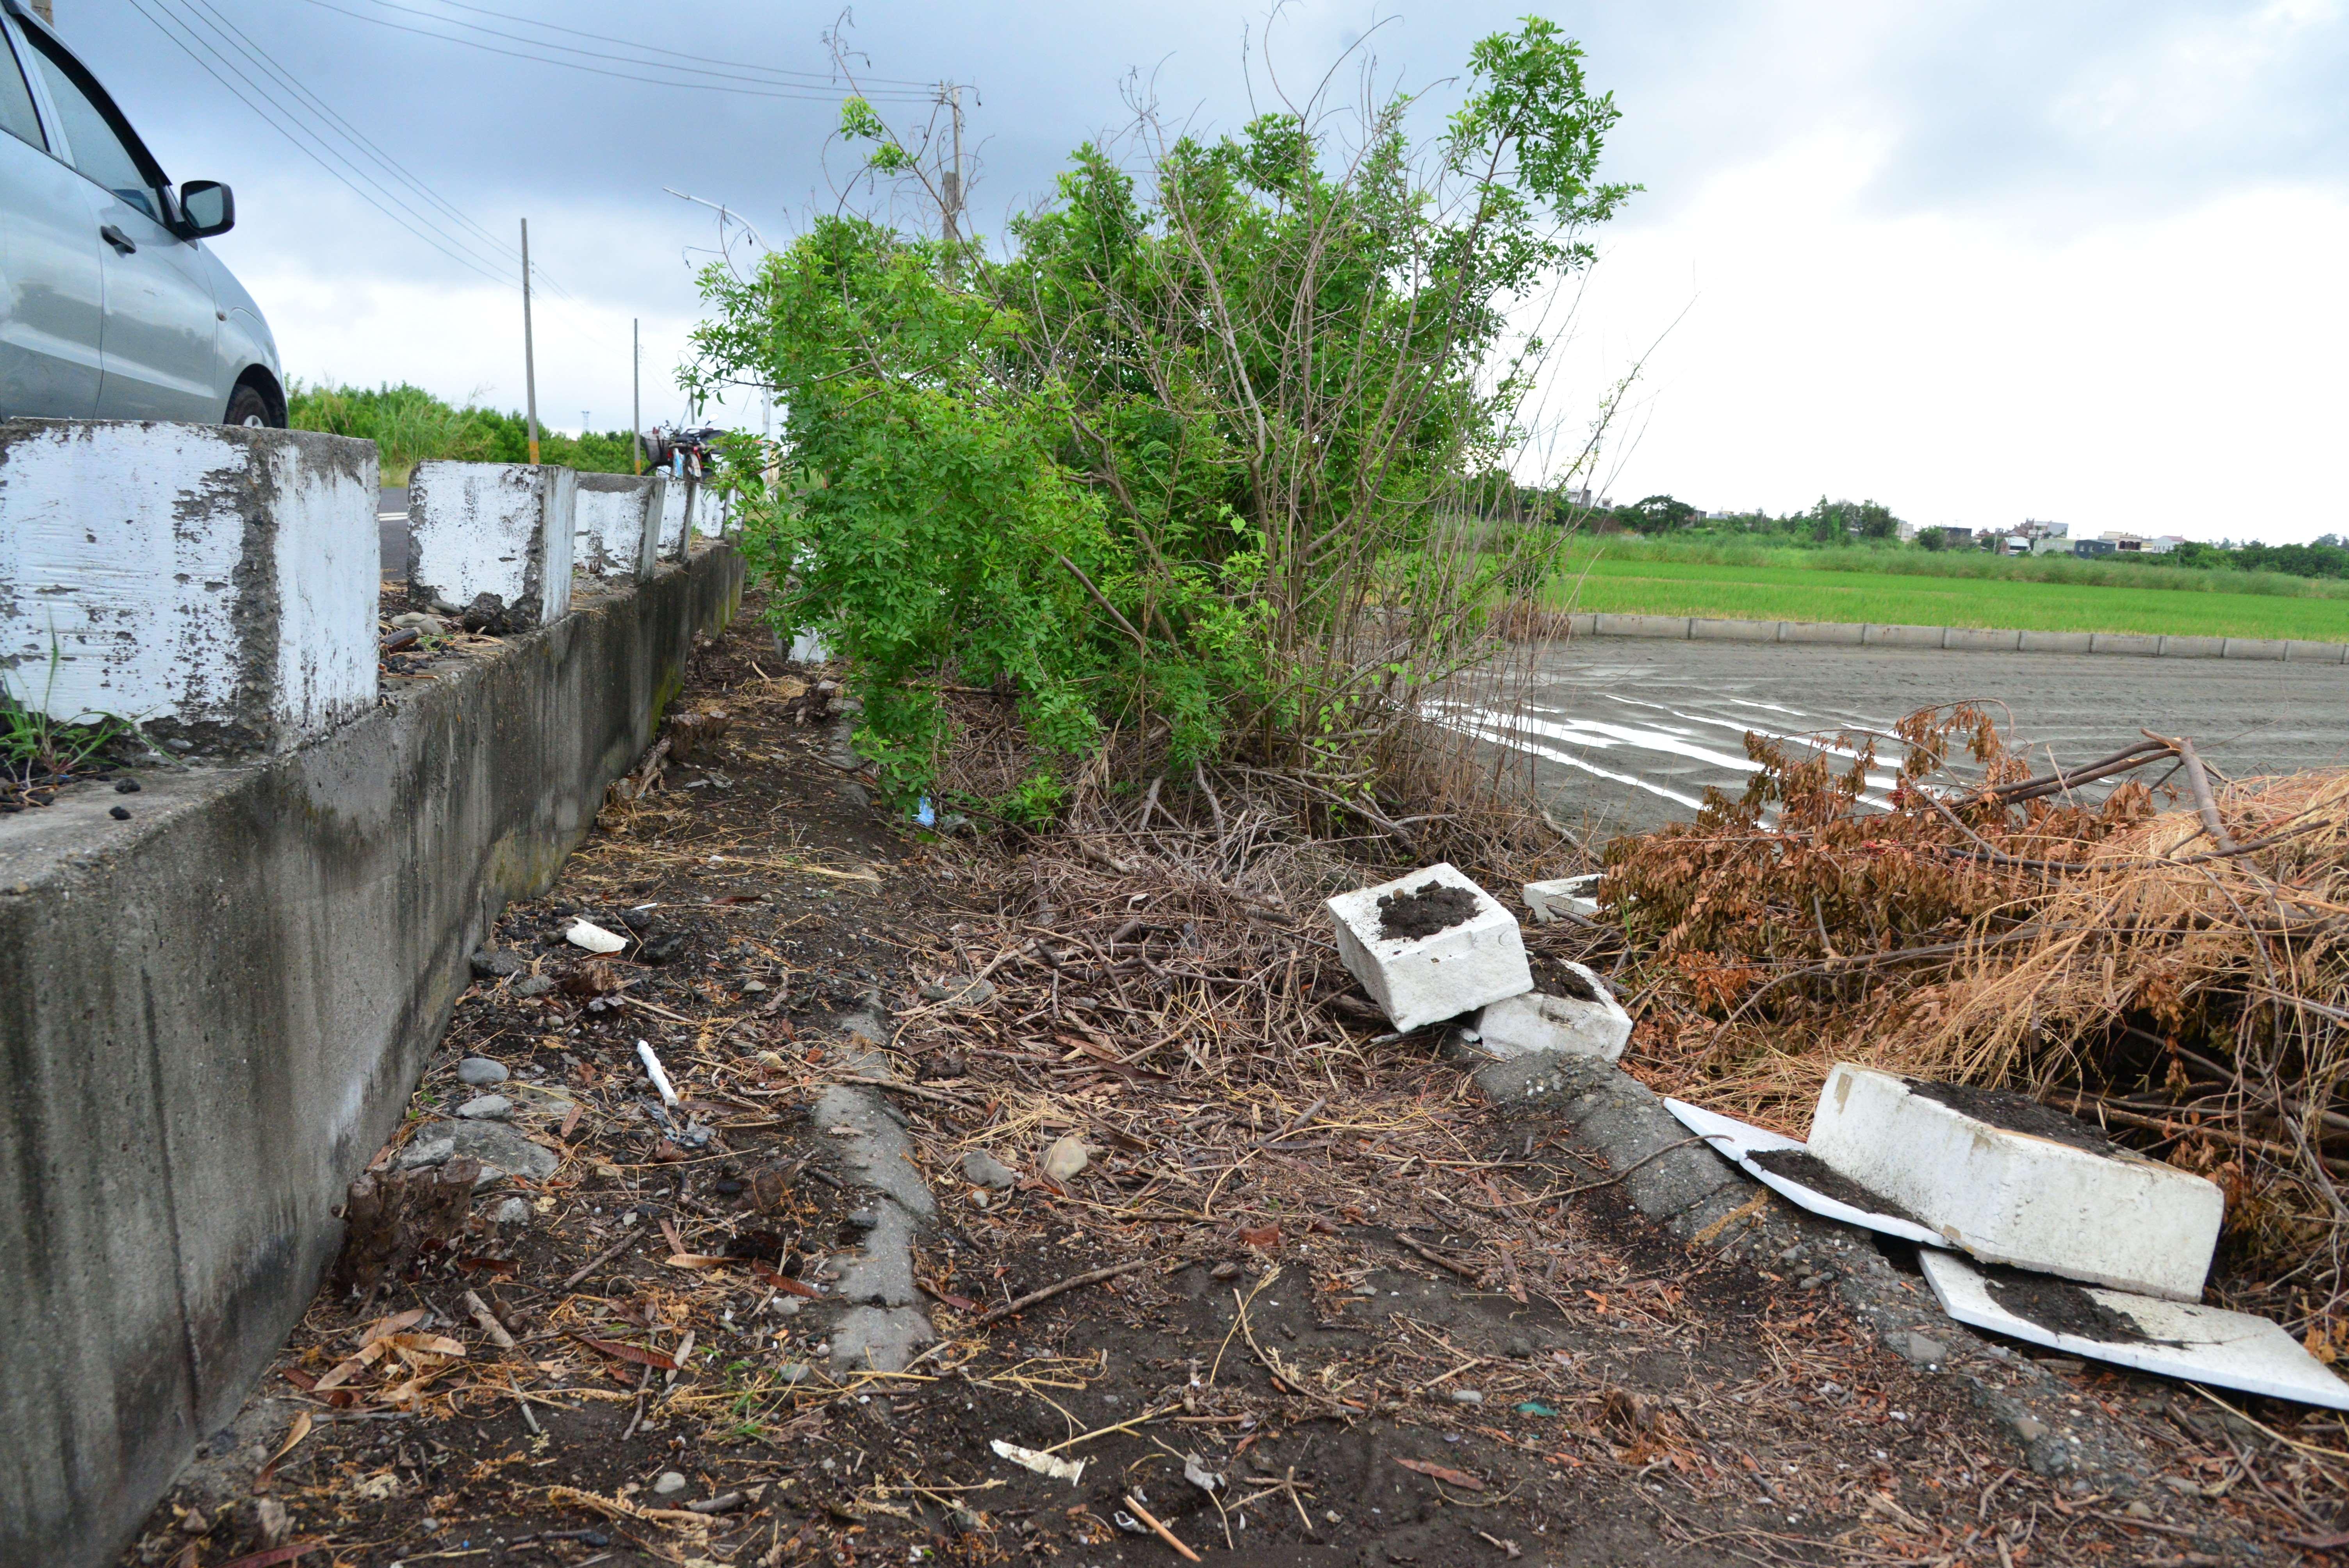 口湖鄉順興農地重劃區內的排水溝渠淤積嚴重,亟待改善。